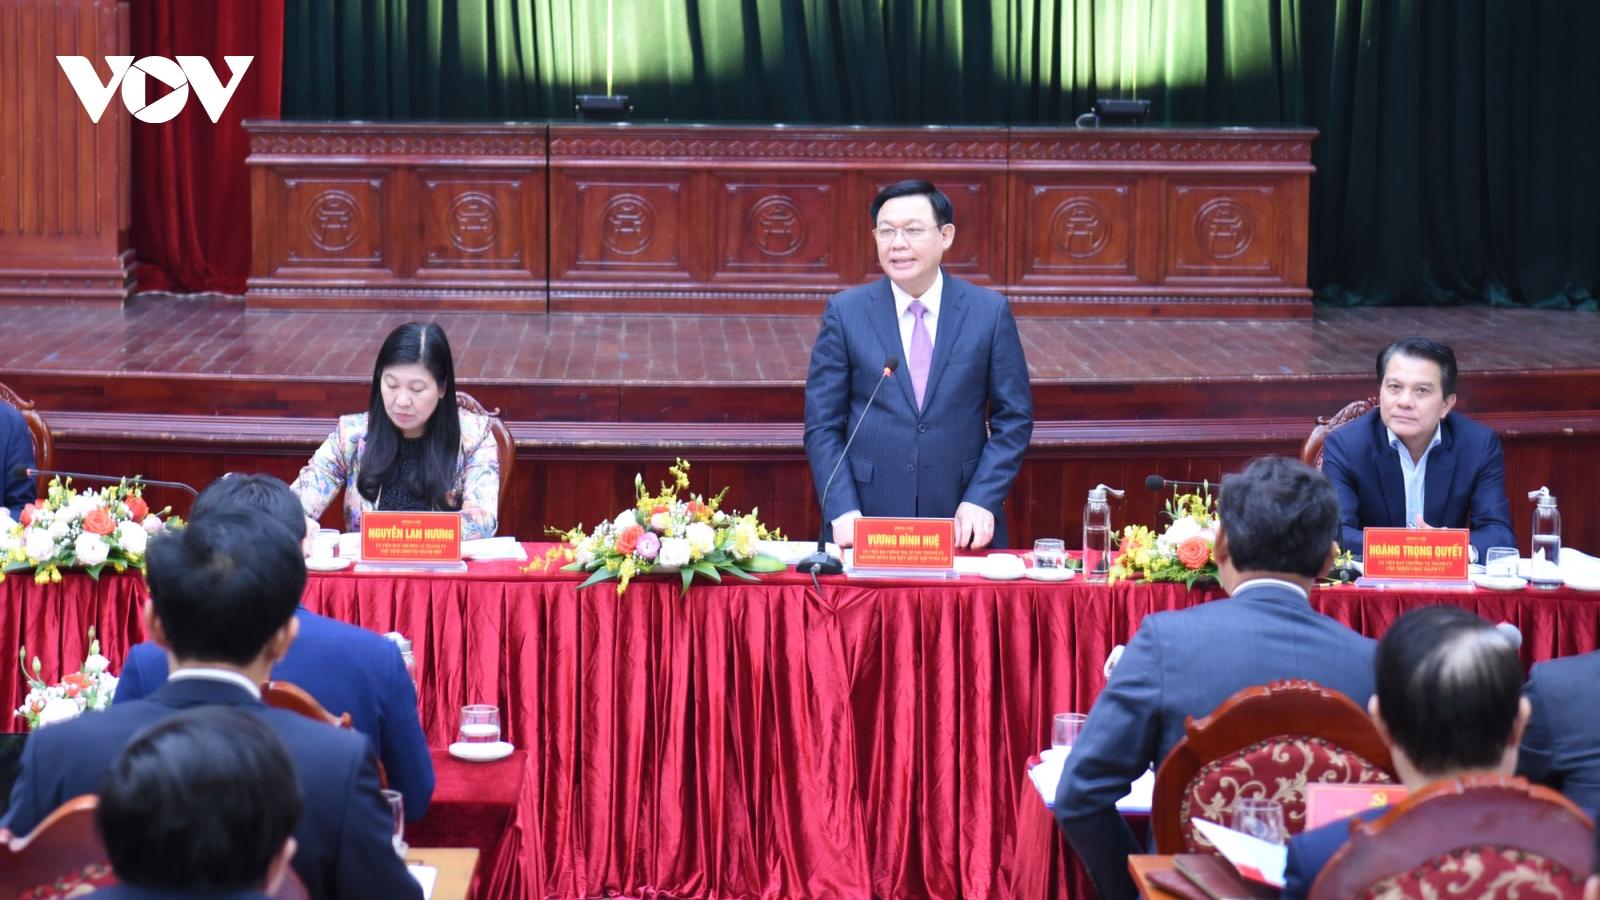 Bí thư Thành ủy Hà Nội: Gia Lâm có lợi thế, nguồn lực để lên quận vào năm 2023